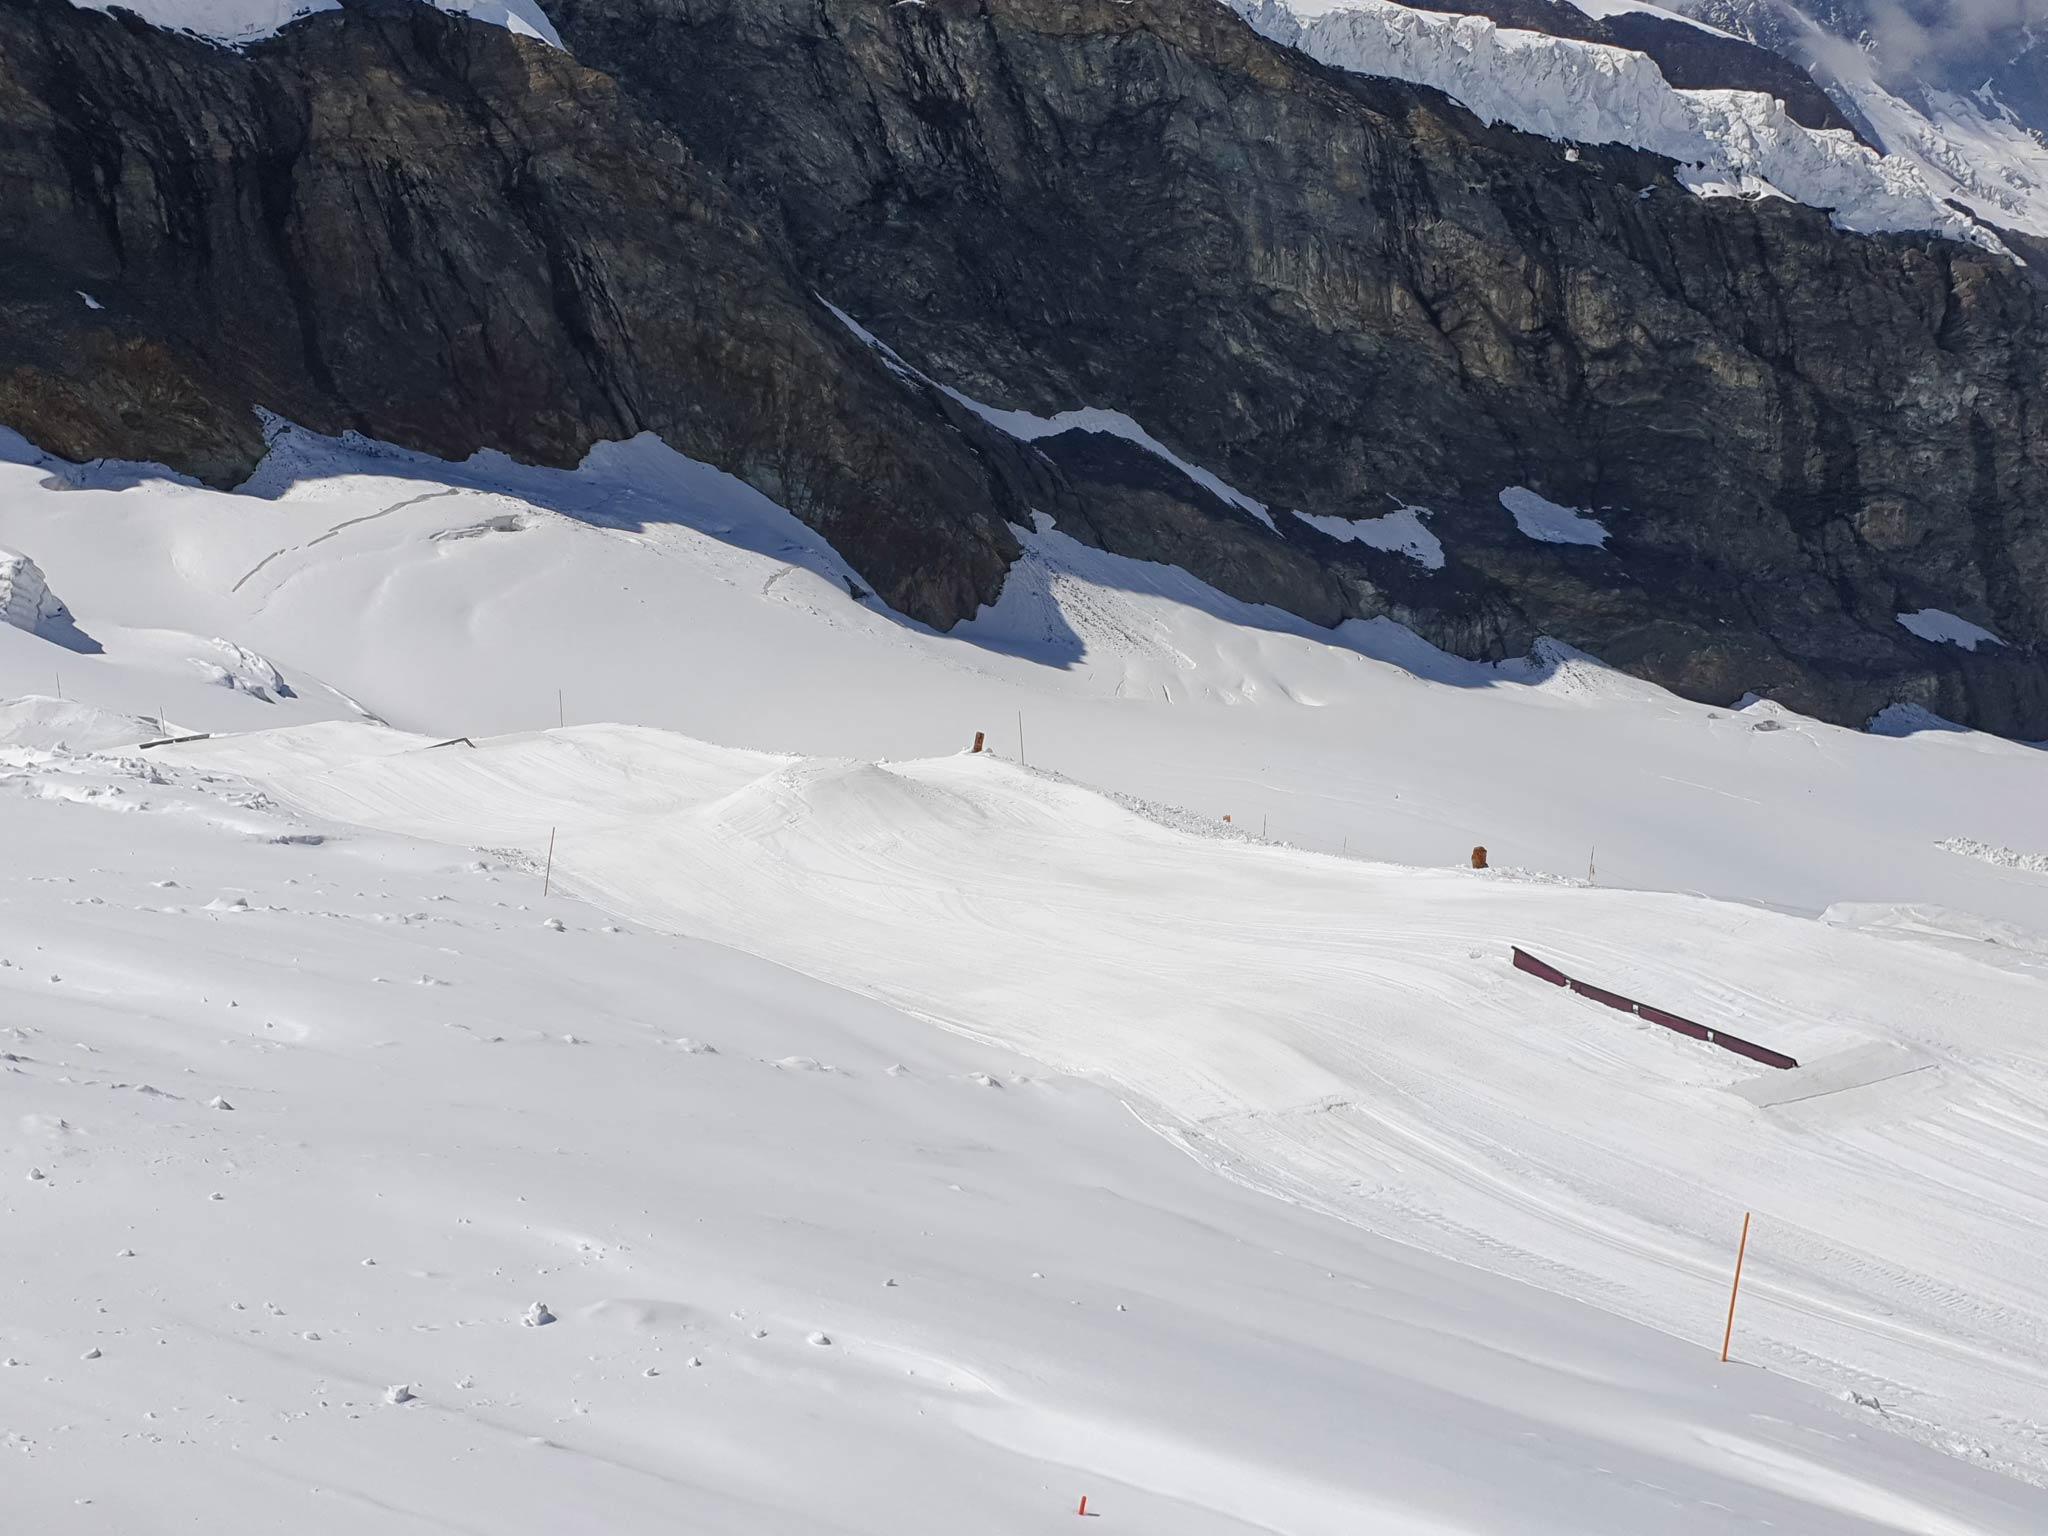 Danach folgt eine Snow Pyramid sowie zwei weitere Rails.